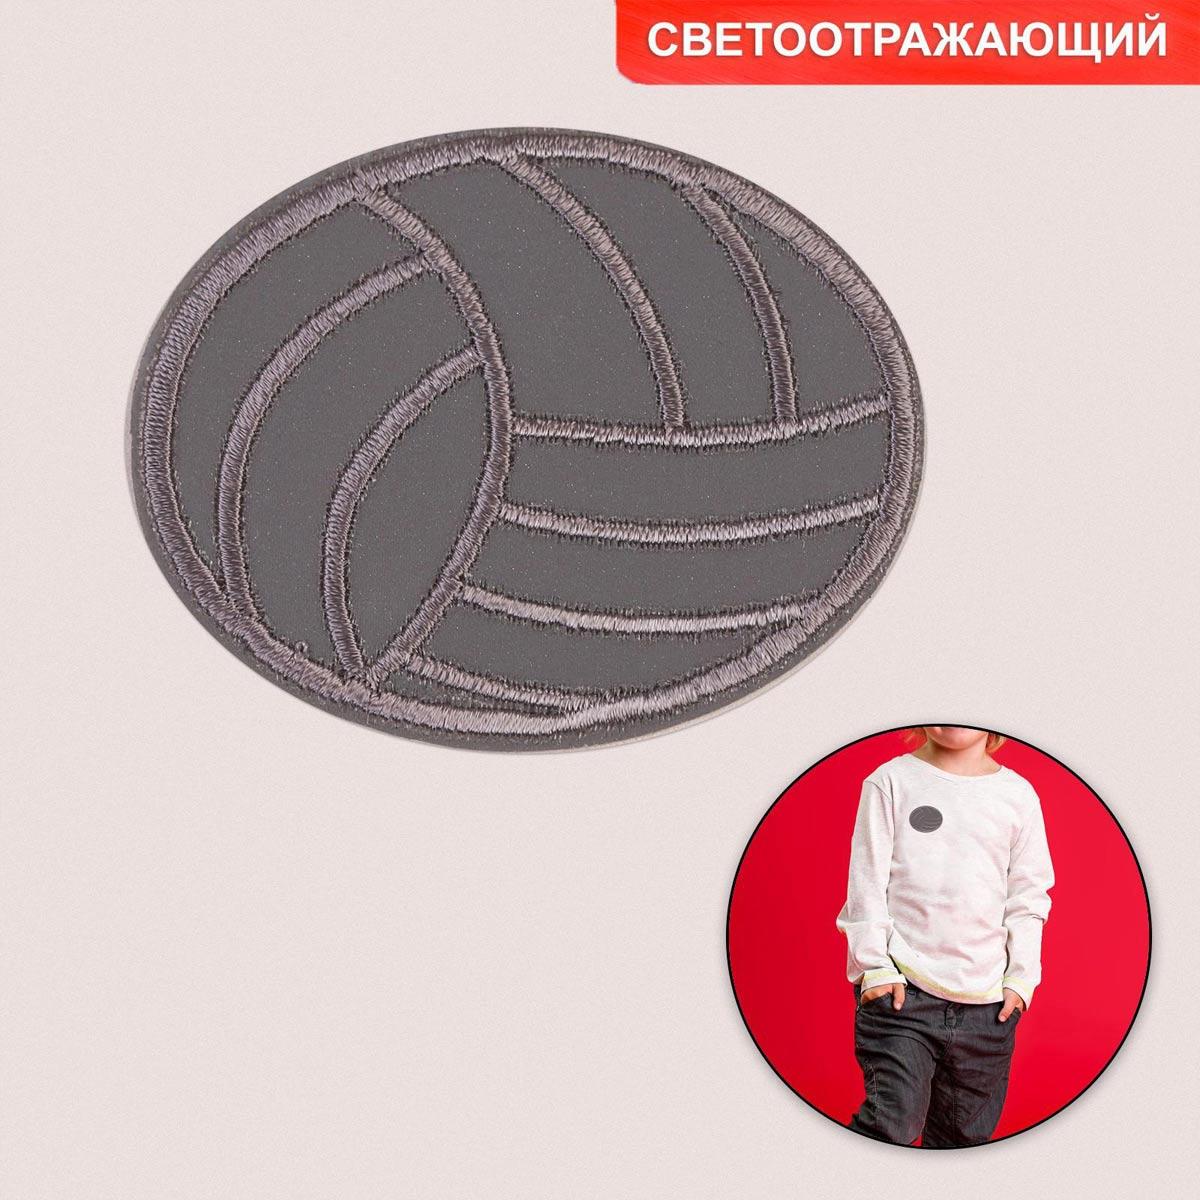 6931638 Термоаппликация мяч 6,5*5,2 см светоотражающая, упак(10шт)